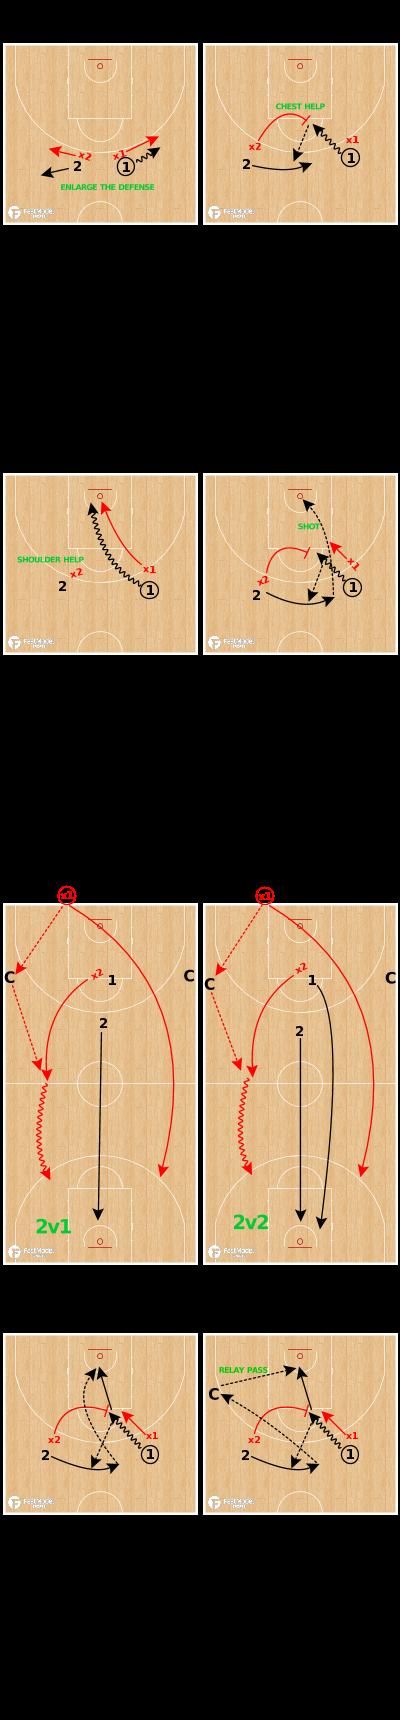 Basketball Play - 2v2 Penetration (Slot Drive)